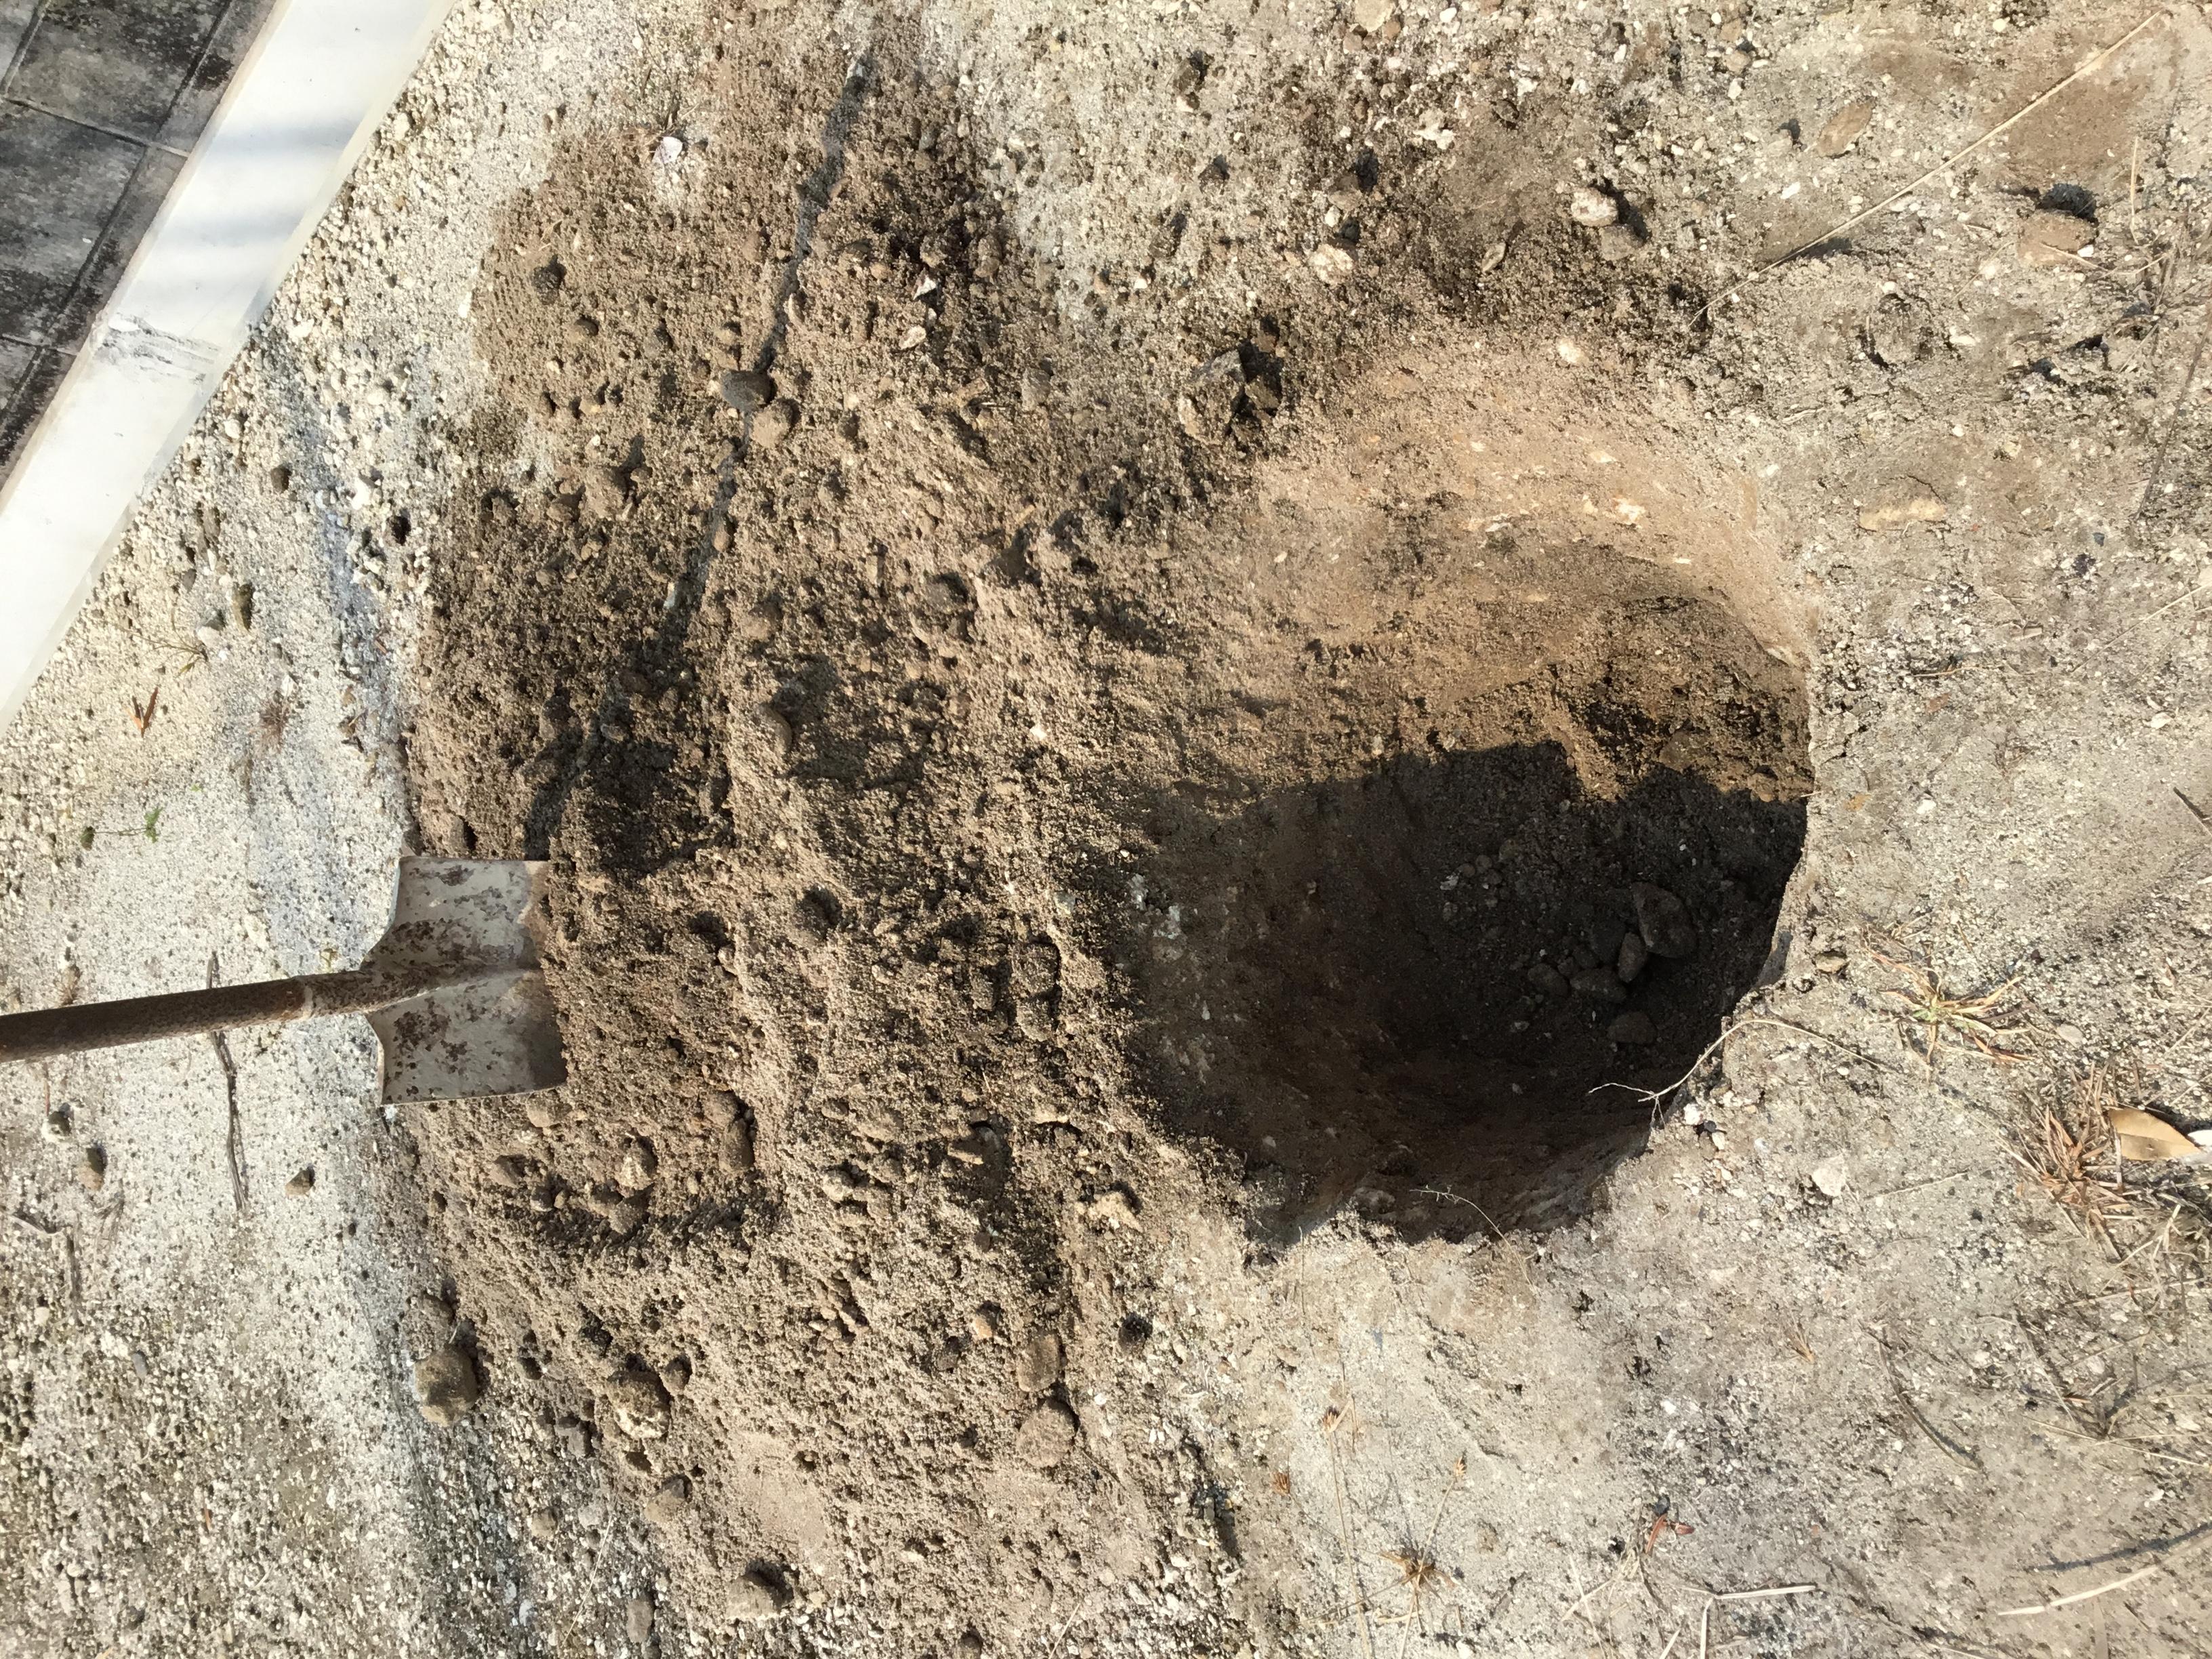 直径50cm、深さ50cmの穴ができました。ここに植樹します。